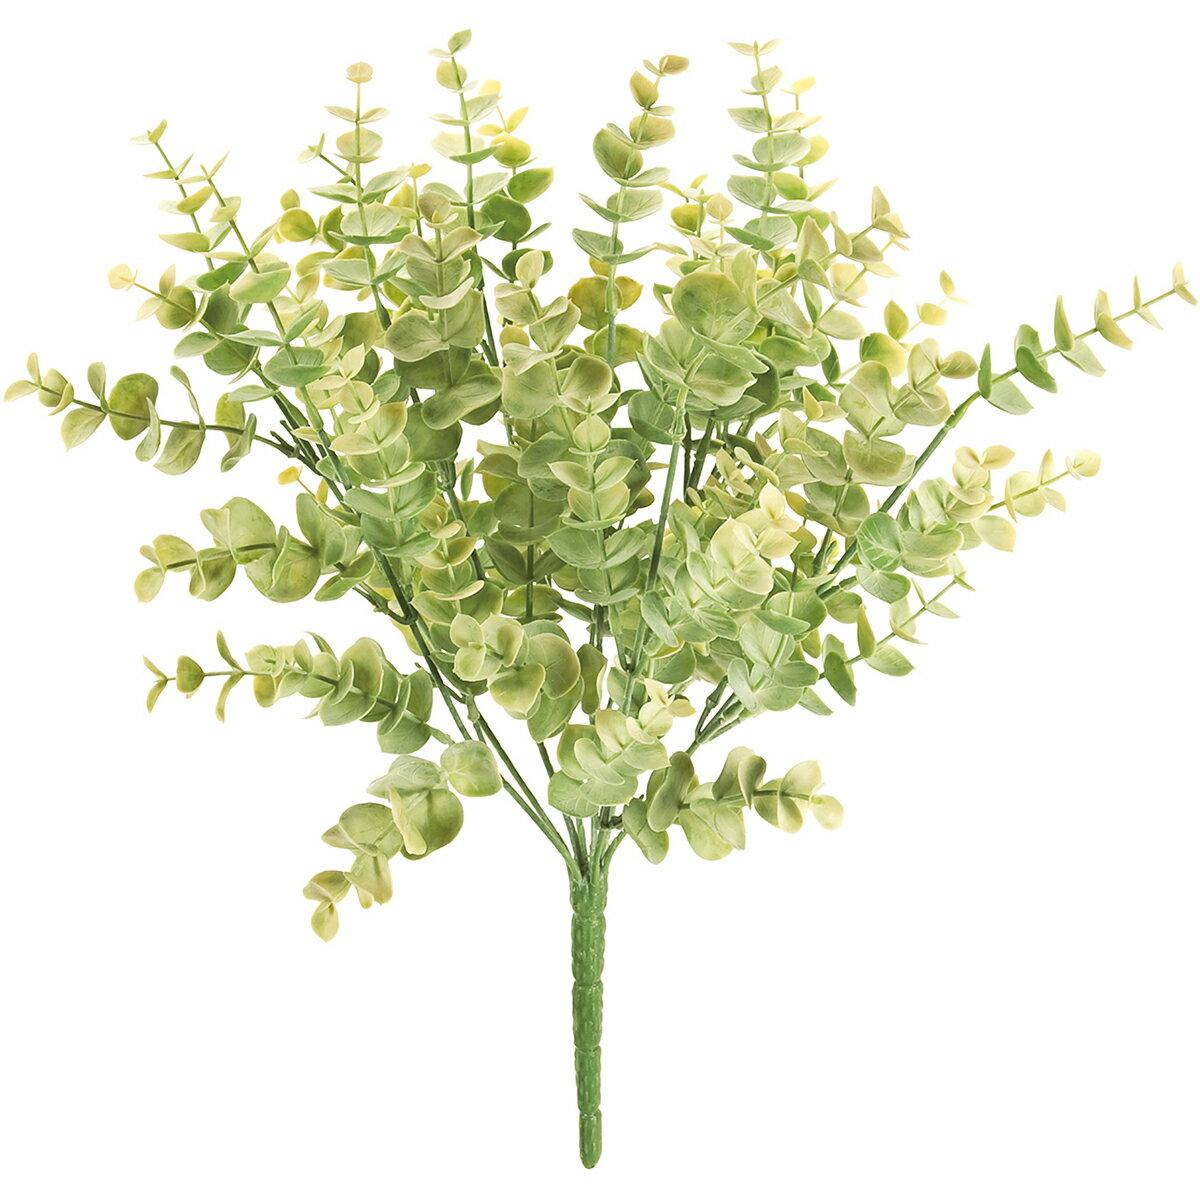 【造花】MAGIQ(東京堂)/ロメールユーカリブッシュ #23 ライトグリーン/FG001455-023【01】【取寄】《 造花(アーティフィシャルフラワー) 造花葉物、フェイクグリーン ユーカリ 》